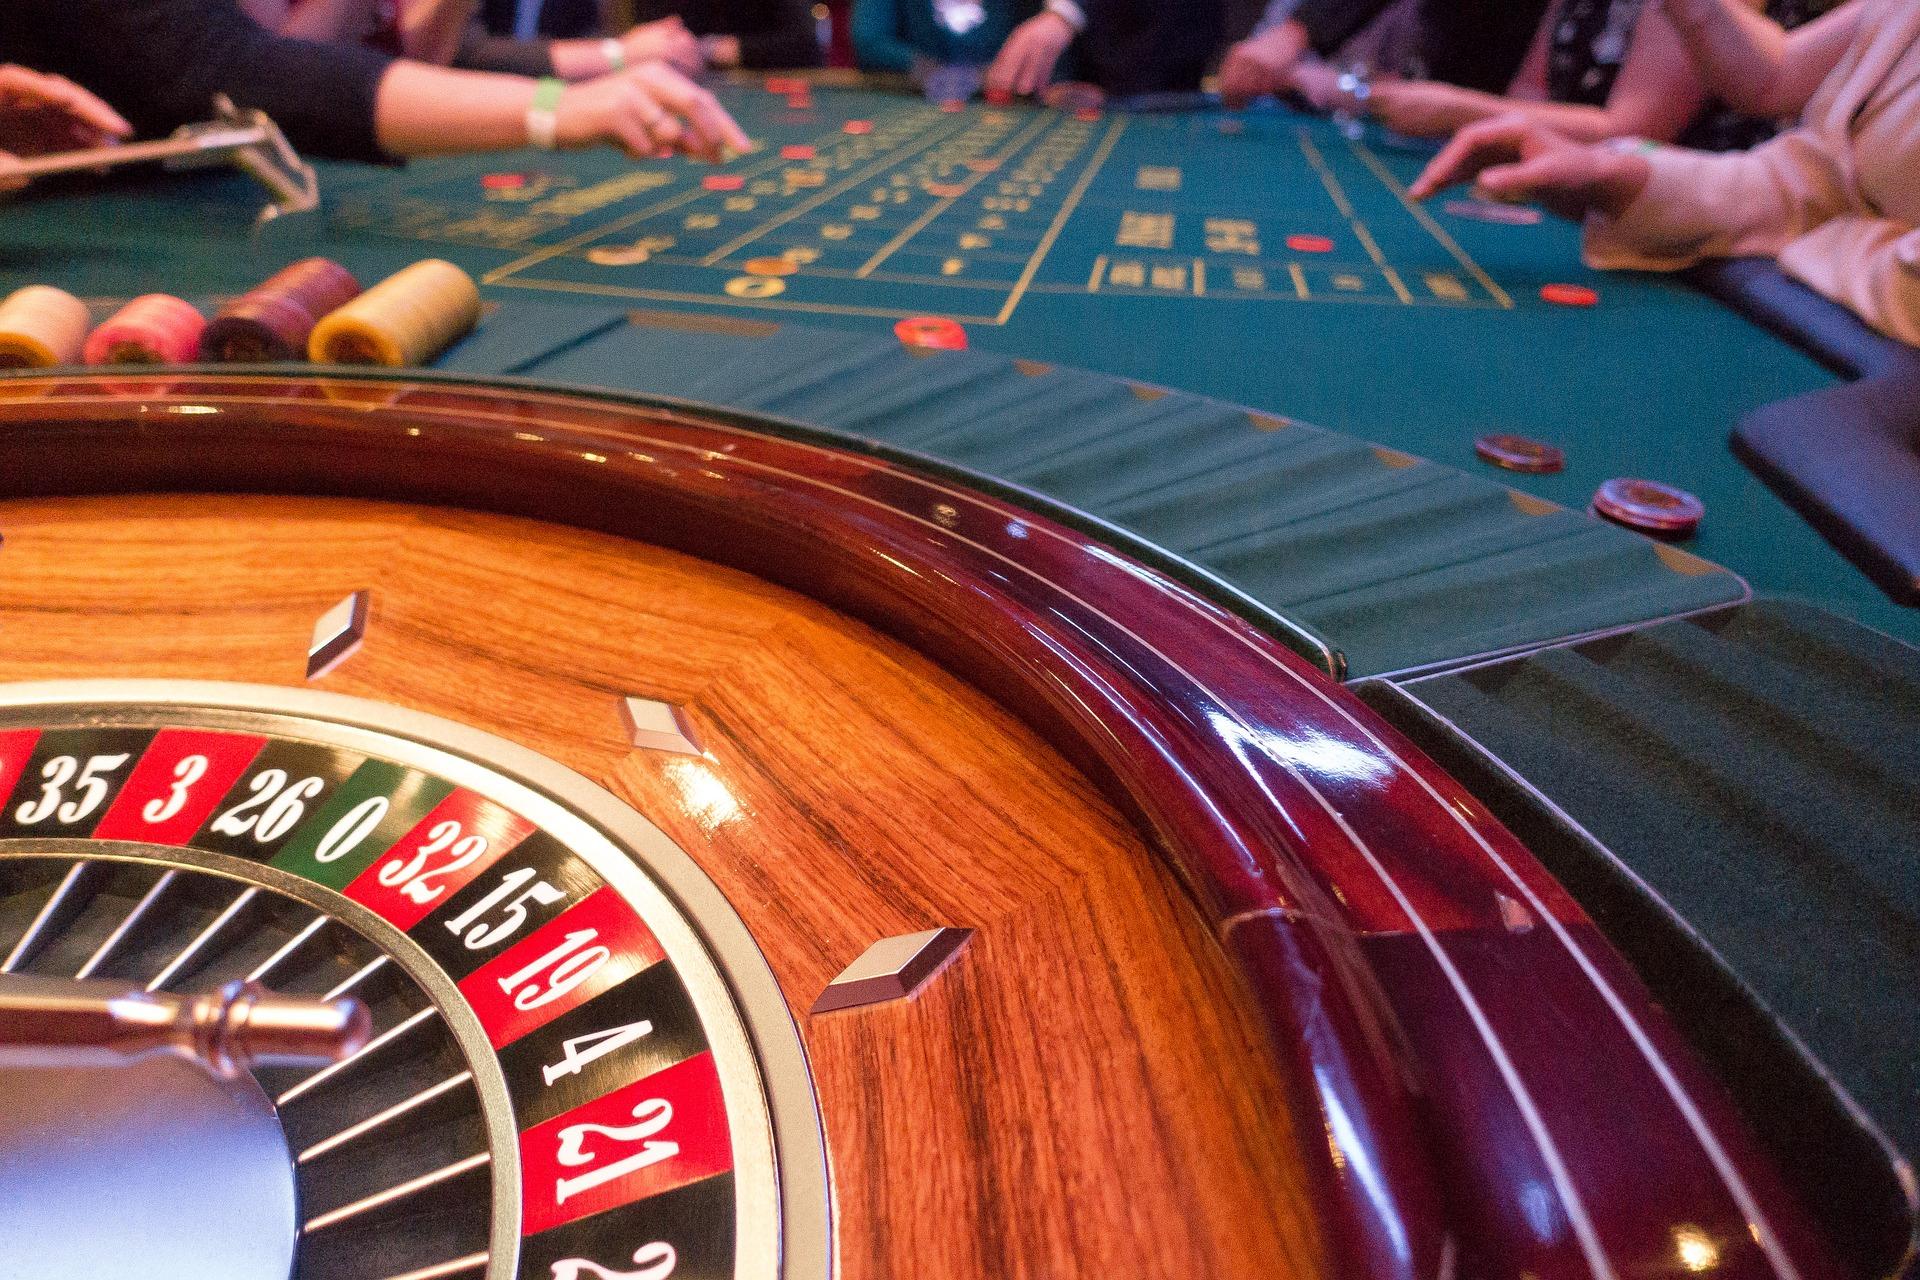 bináris opciók szerencsejáték tevékenység